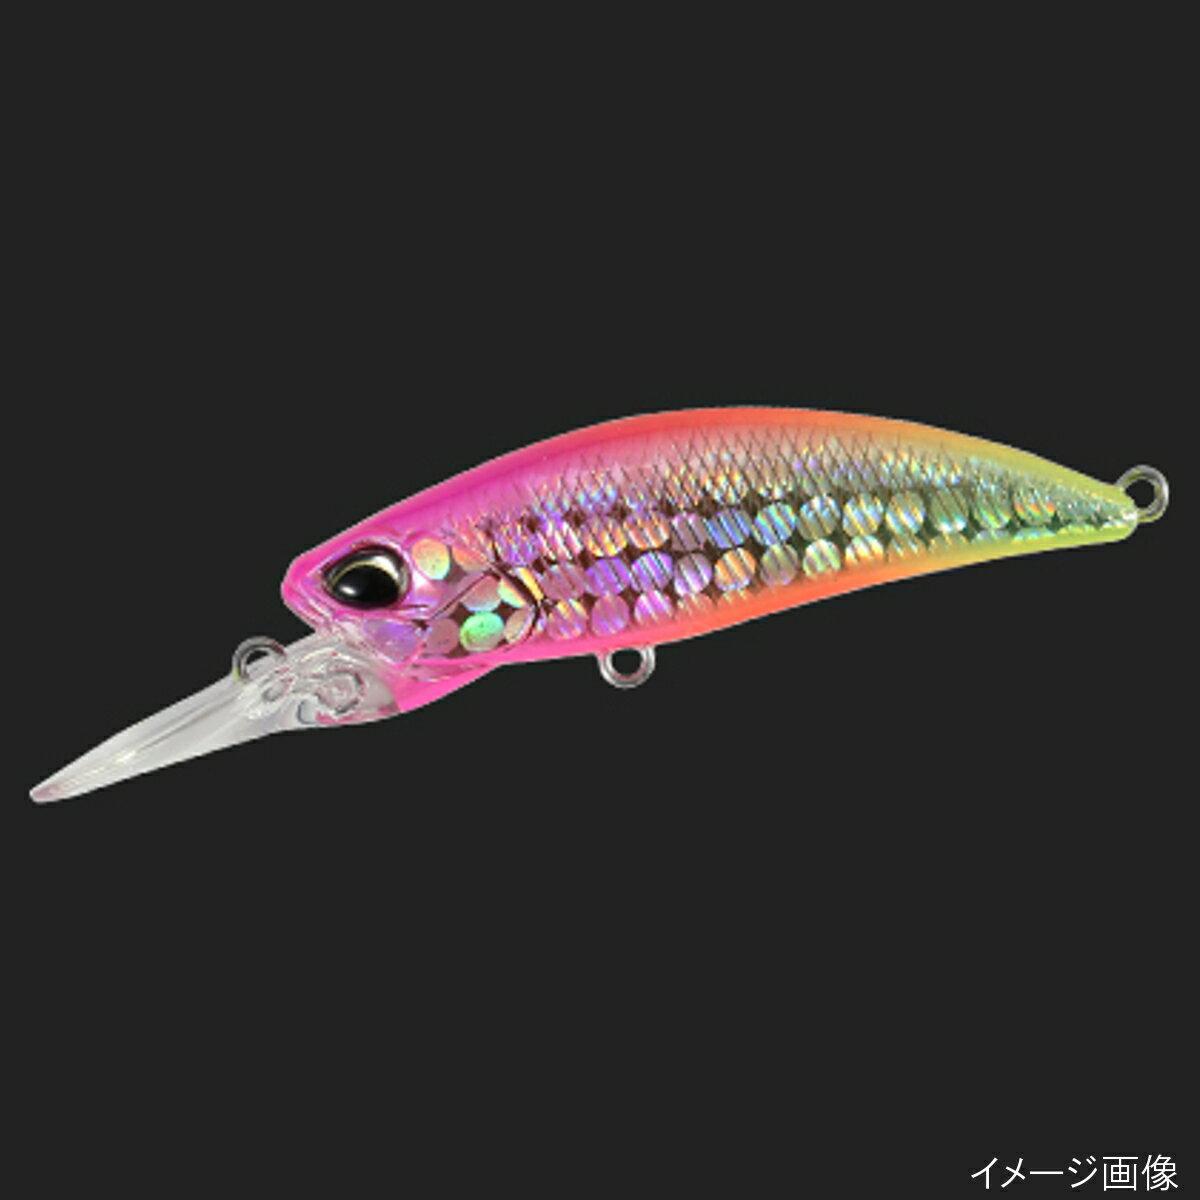 デュオ テトラワークス トトシャッド48S GQA0113(Wピンクチャート)